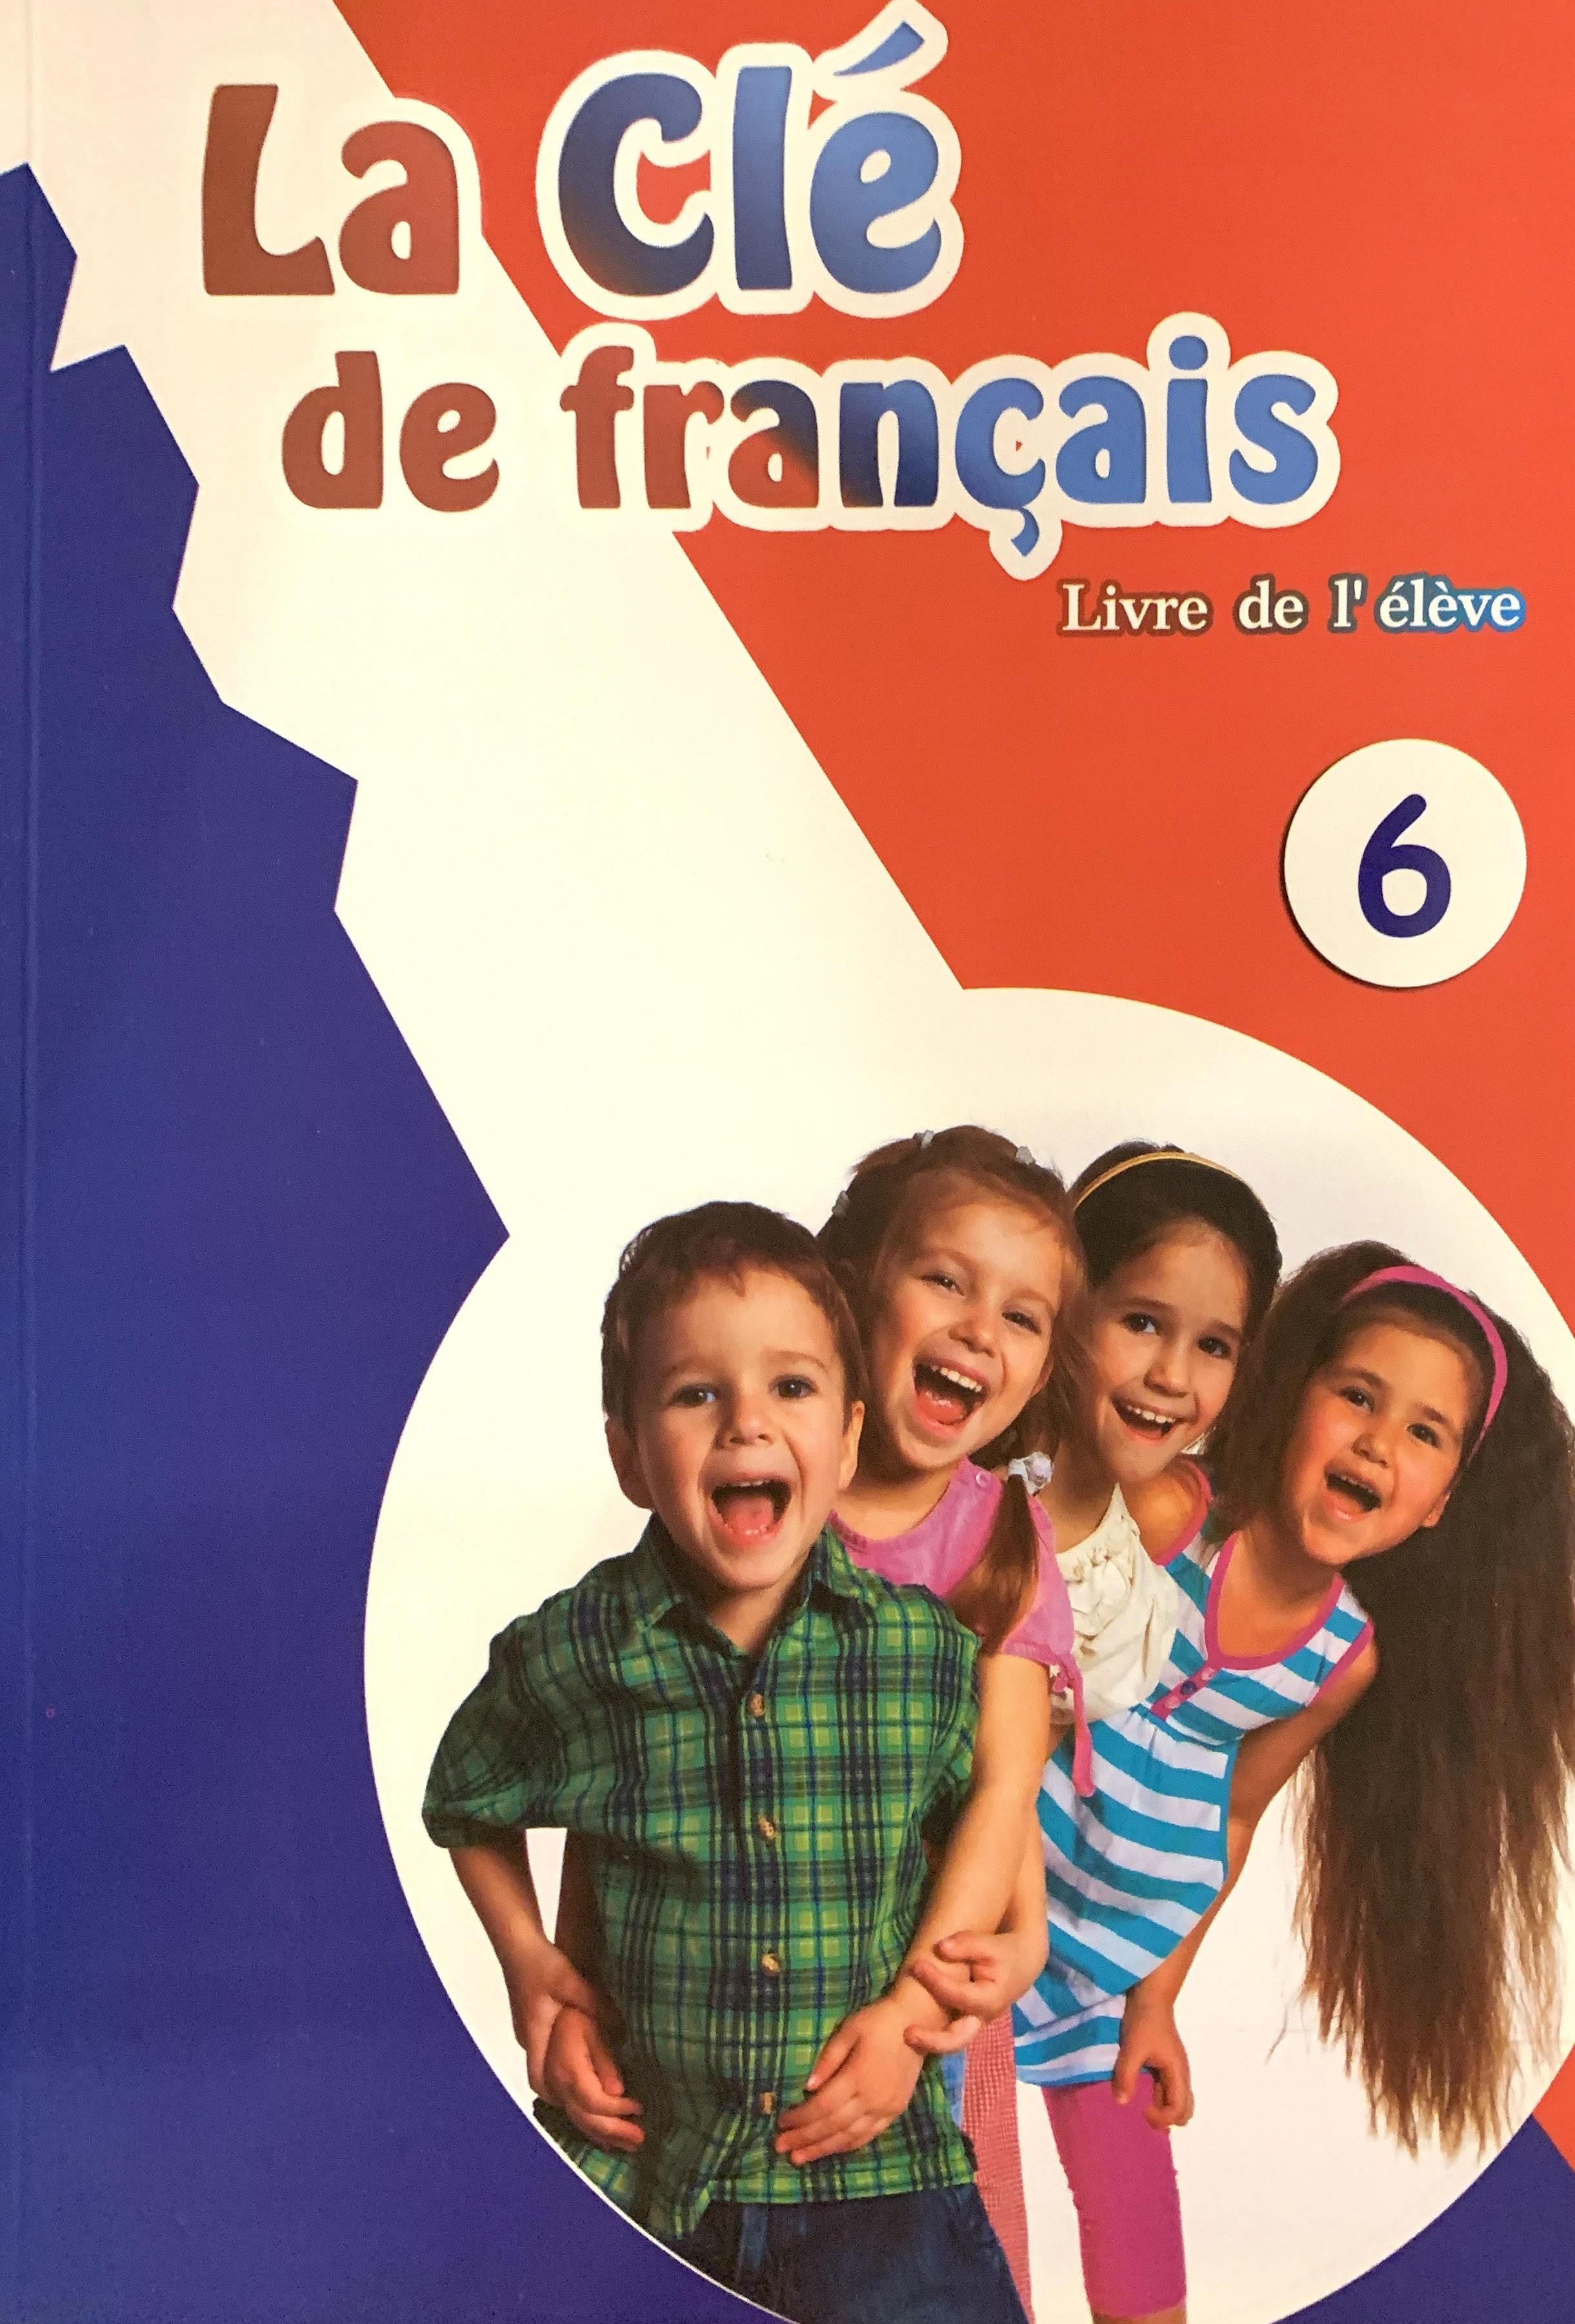 La Cle de Francais Class 6